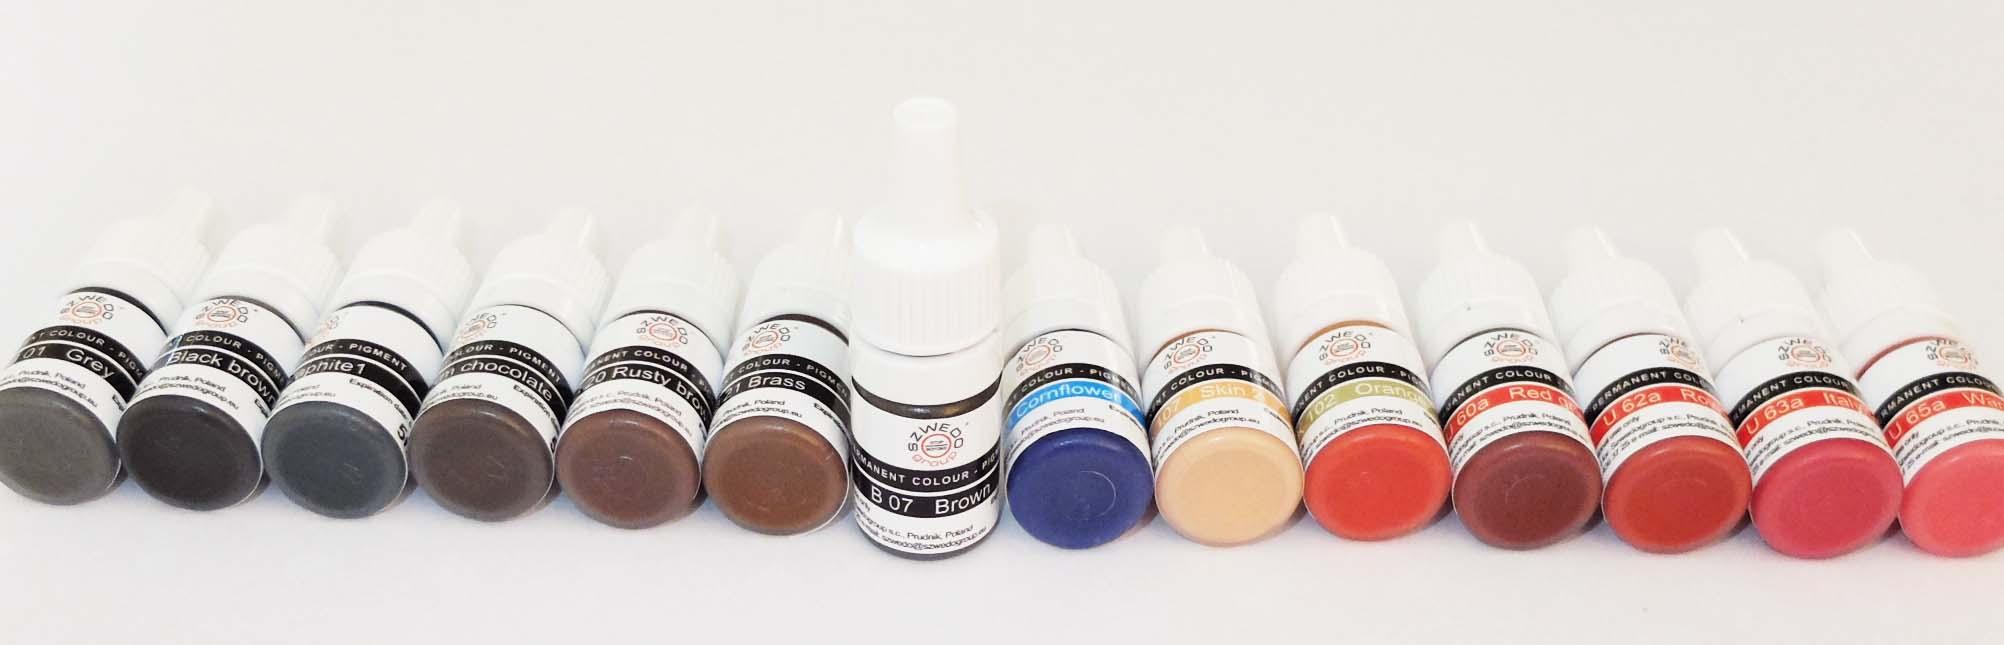 pigment-microblading-augenbrauen